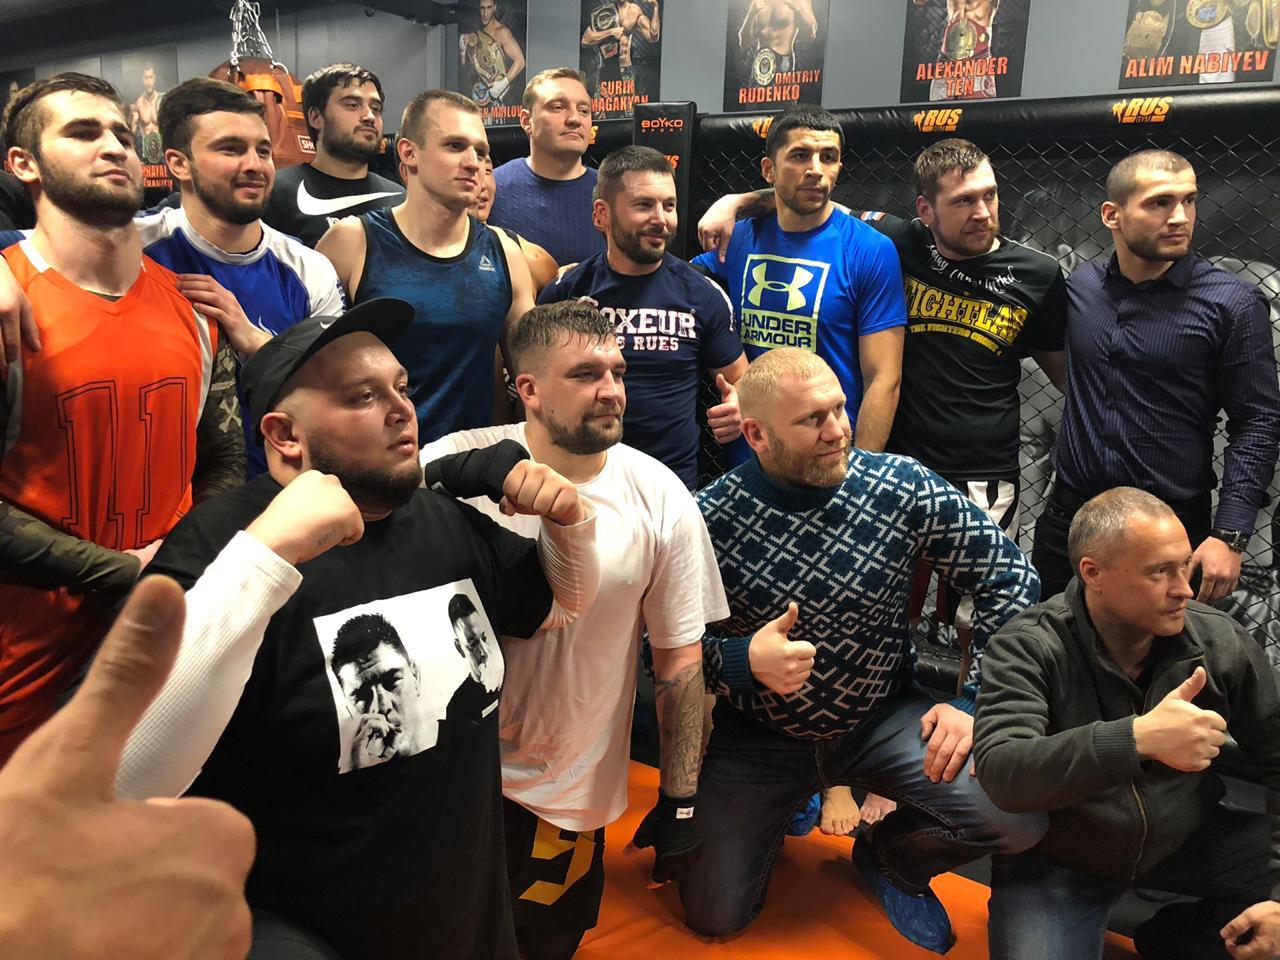 Баста и Кривуша открыли клуб RusGym